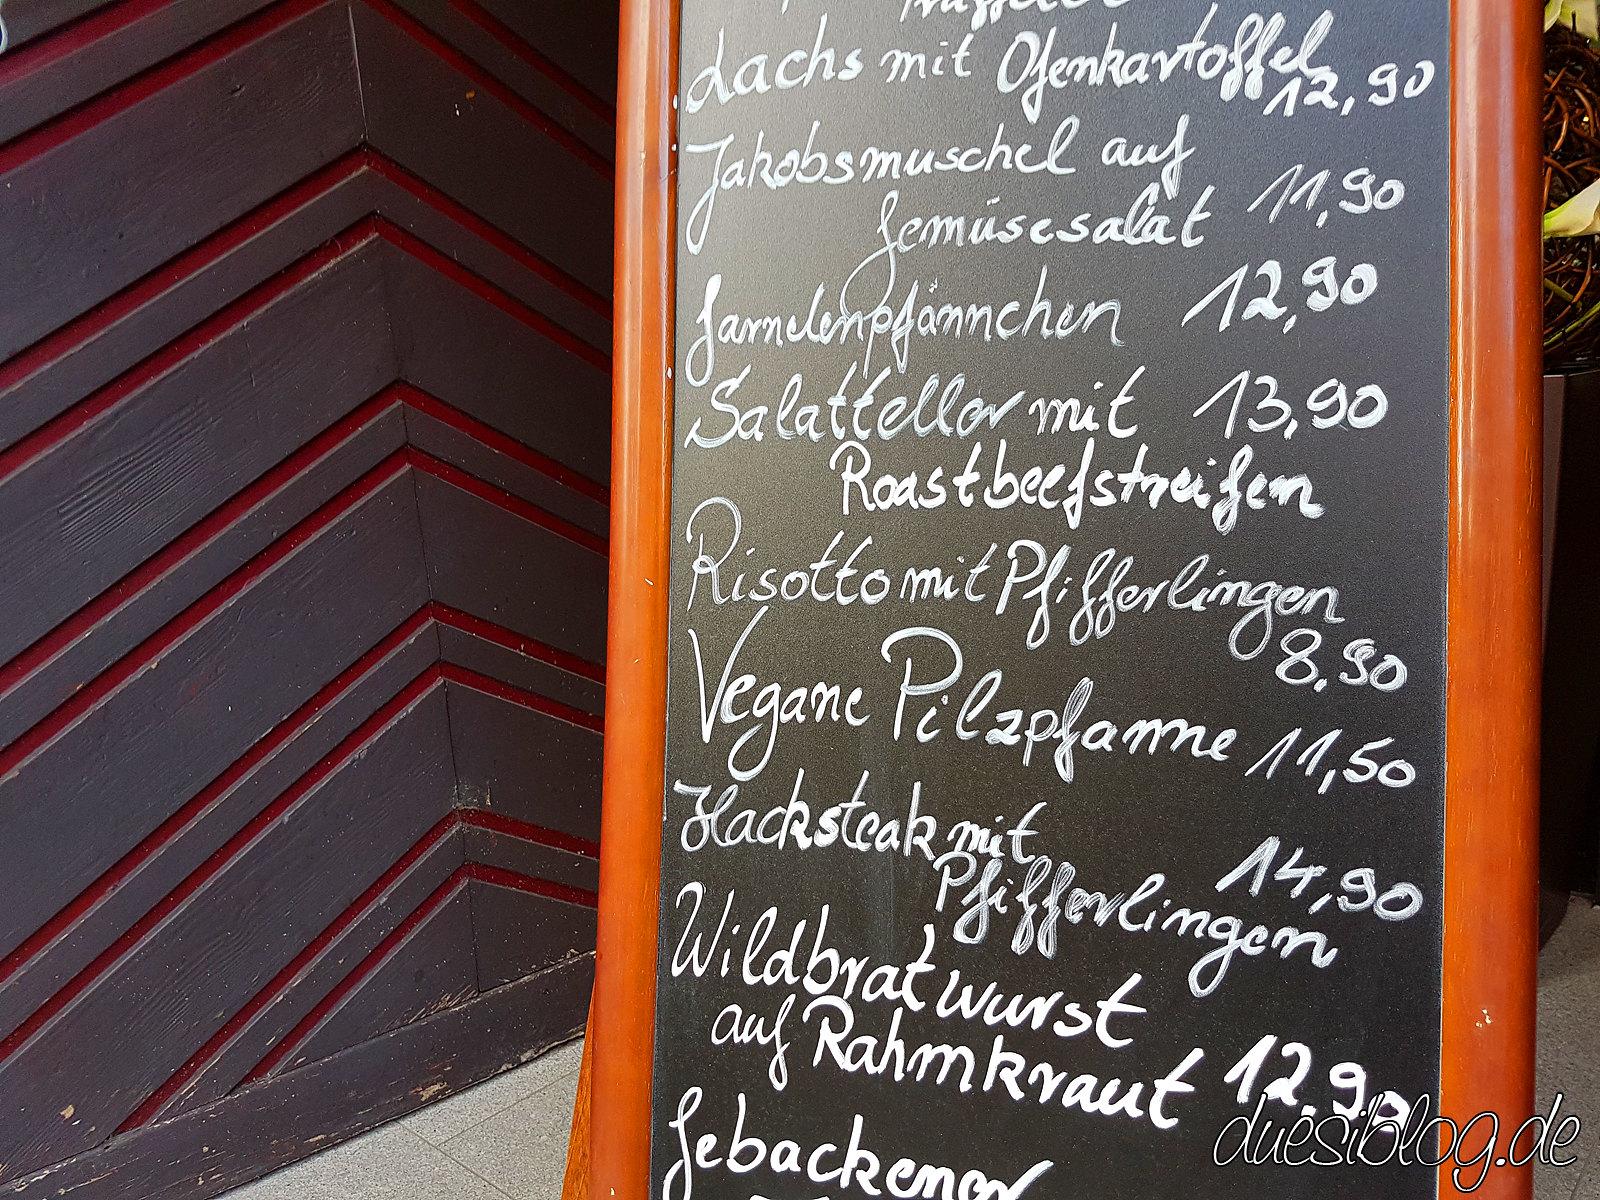 Ruedesheim vegan Rheingau Travelblog duesiblog 07